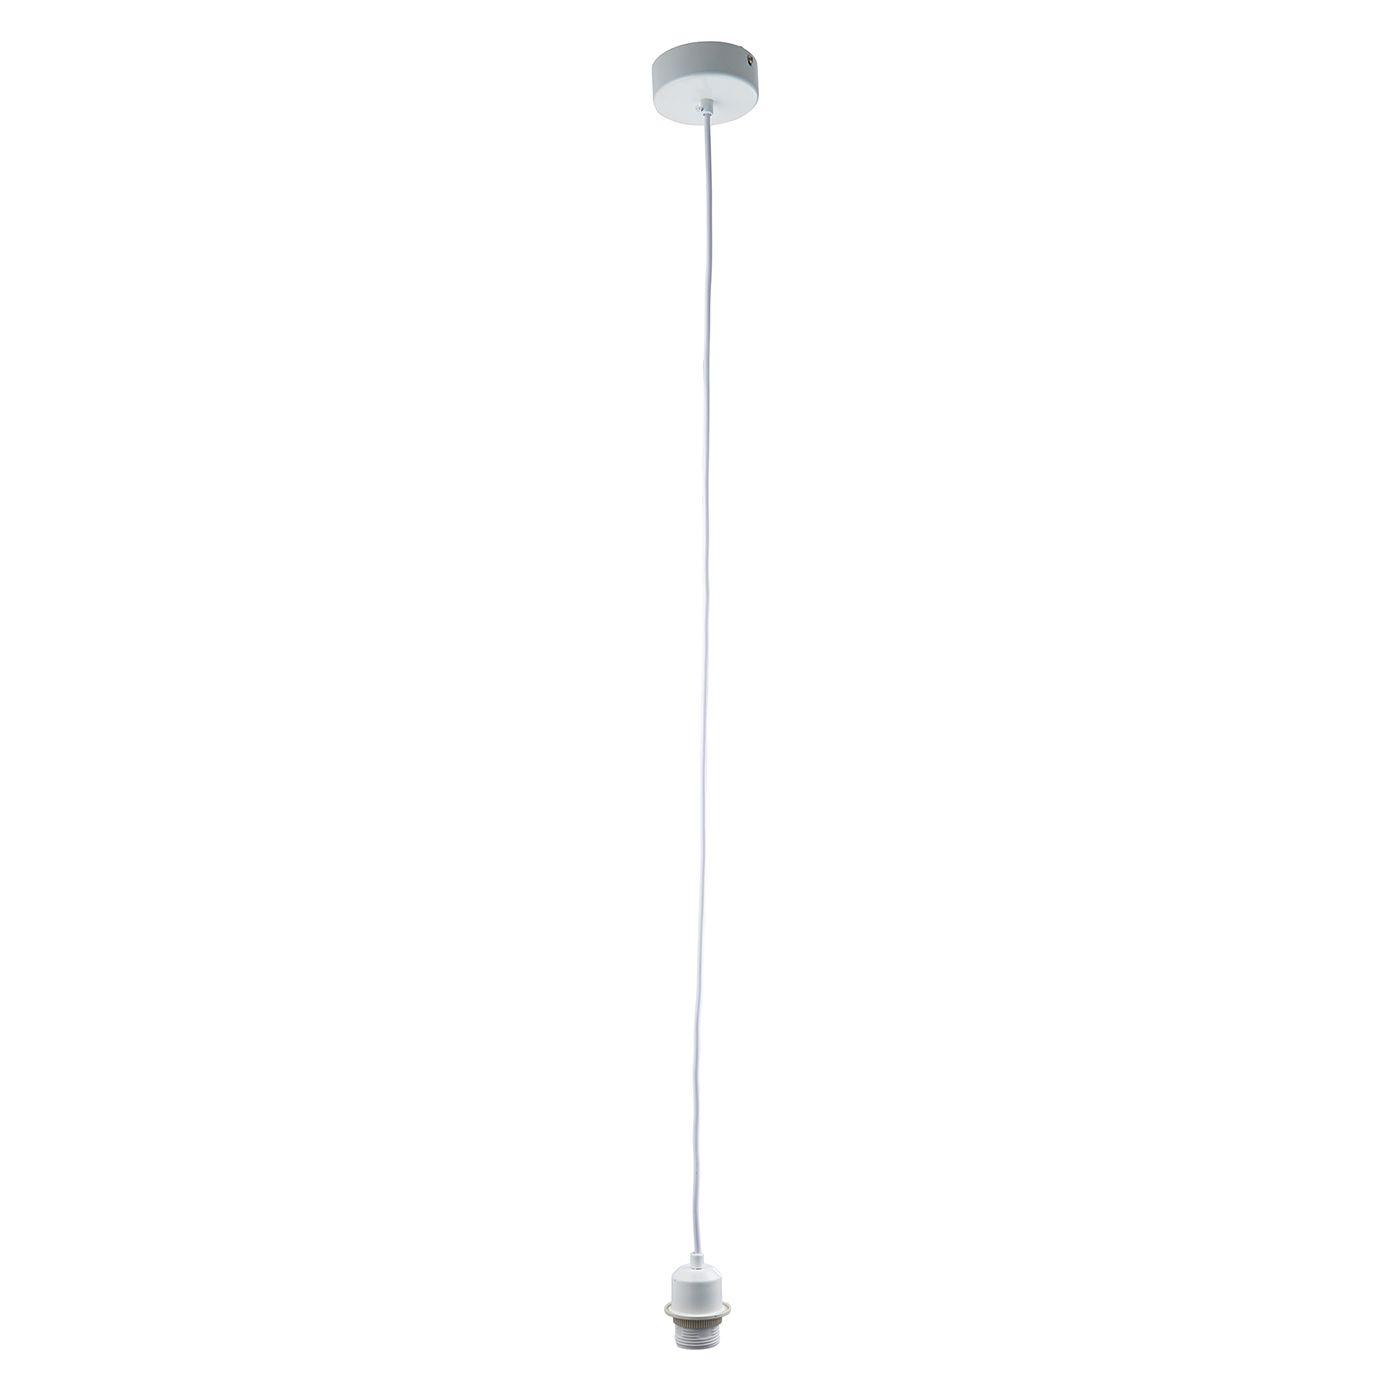 Białe zawieszenie do lamp marki Endon Lighting